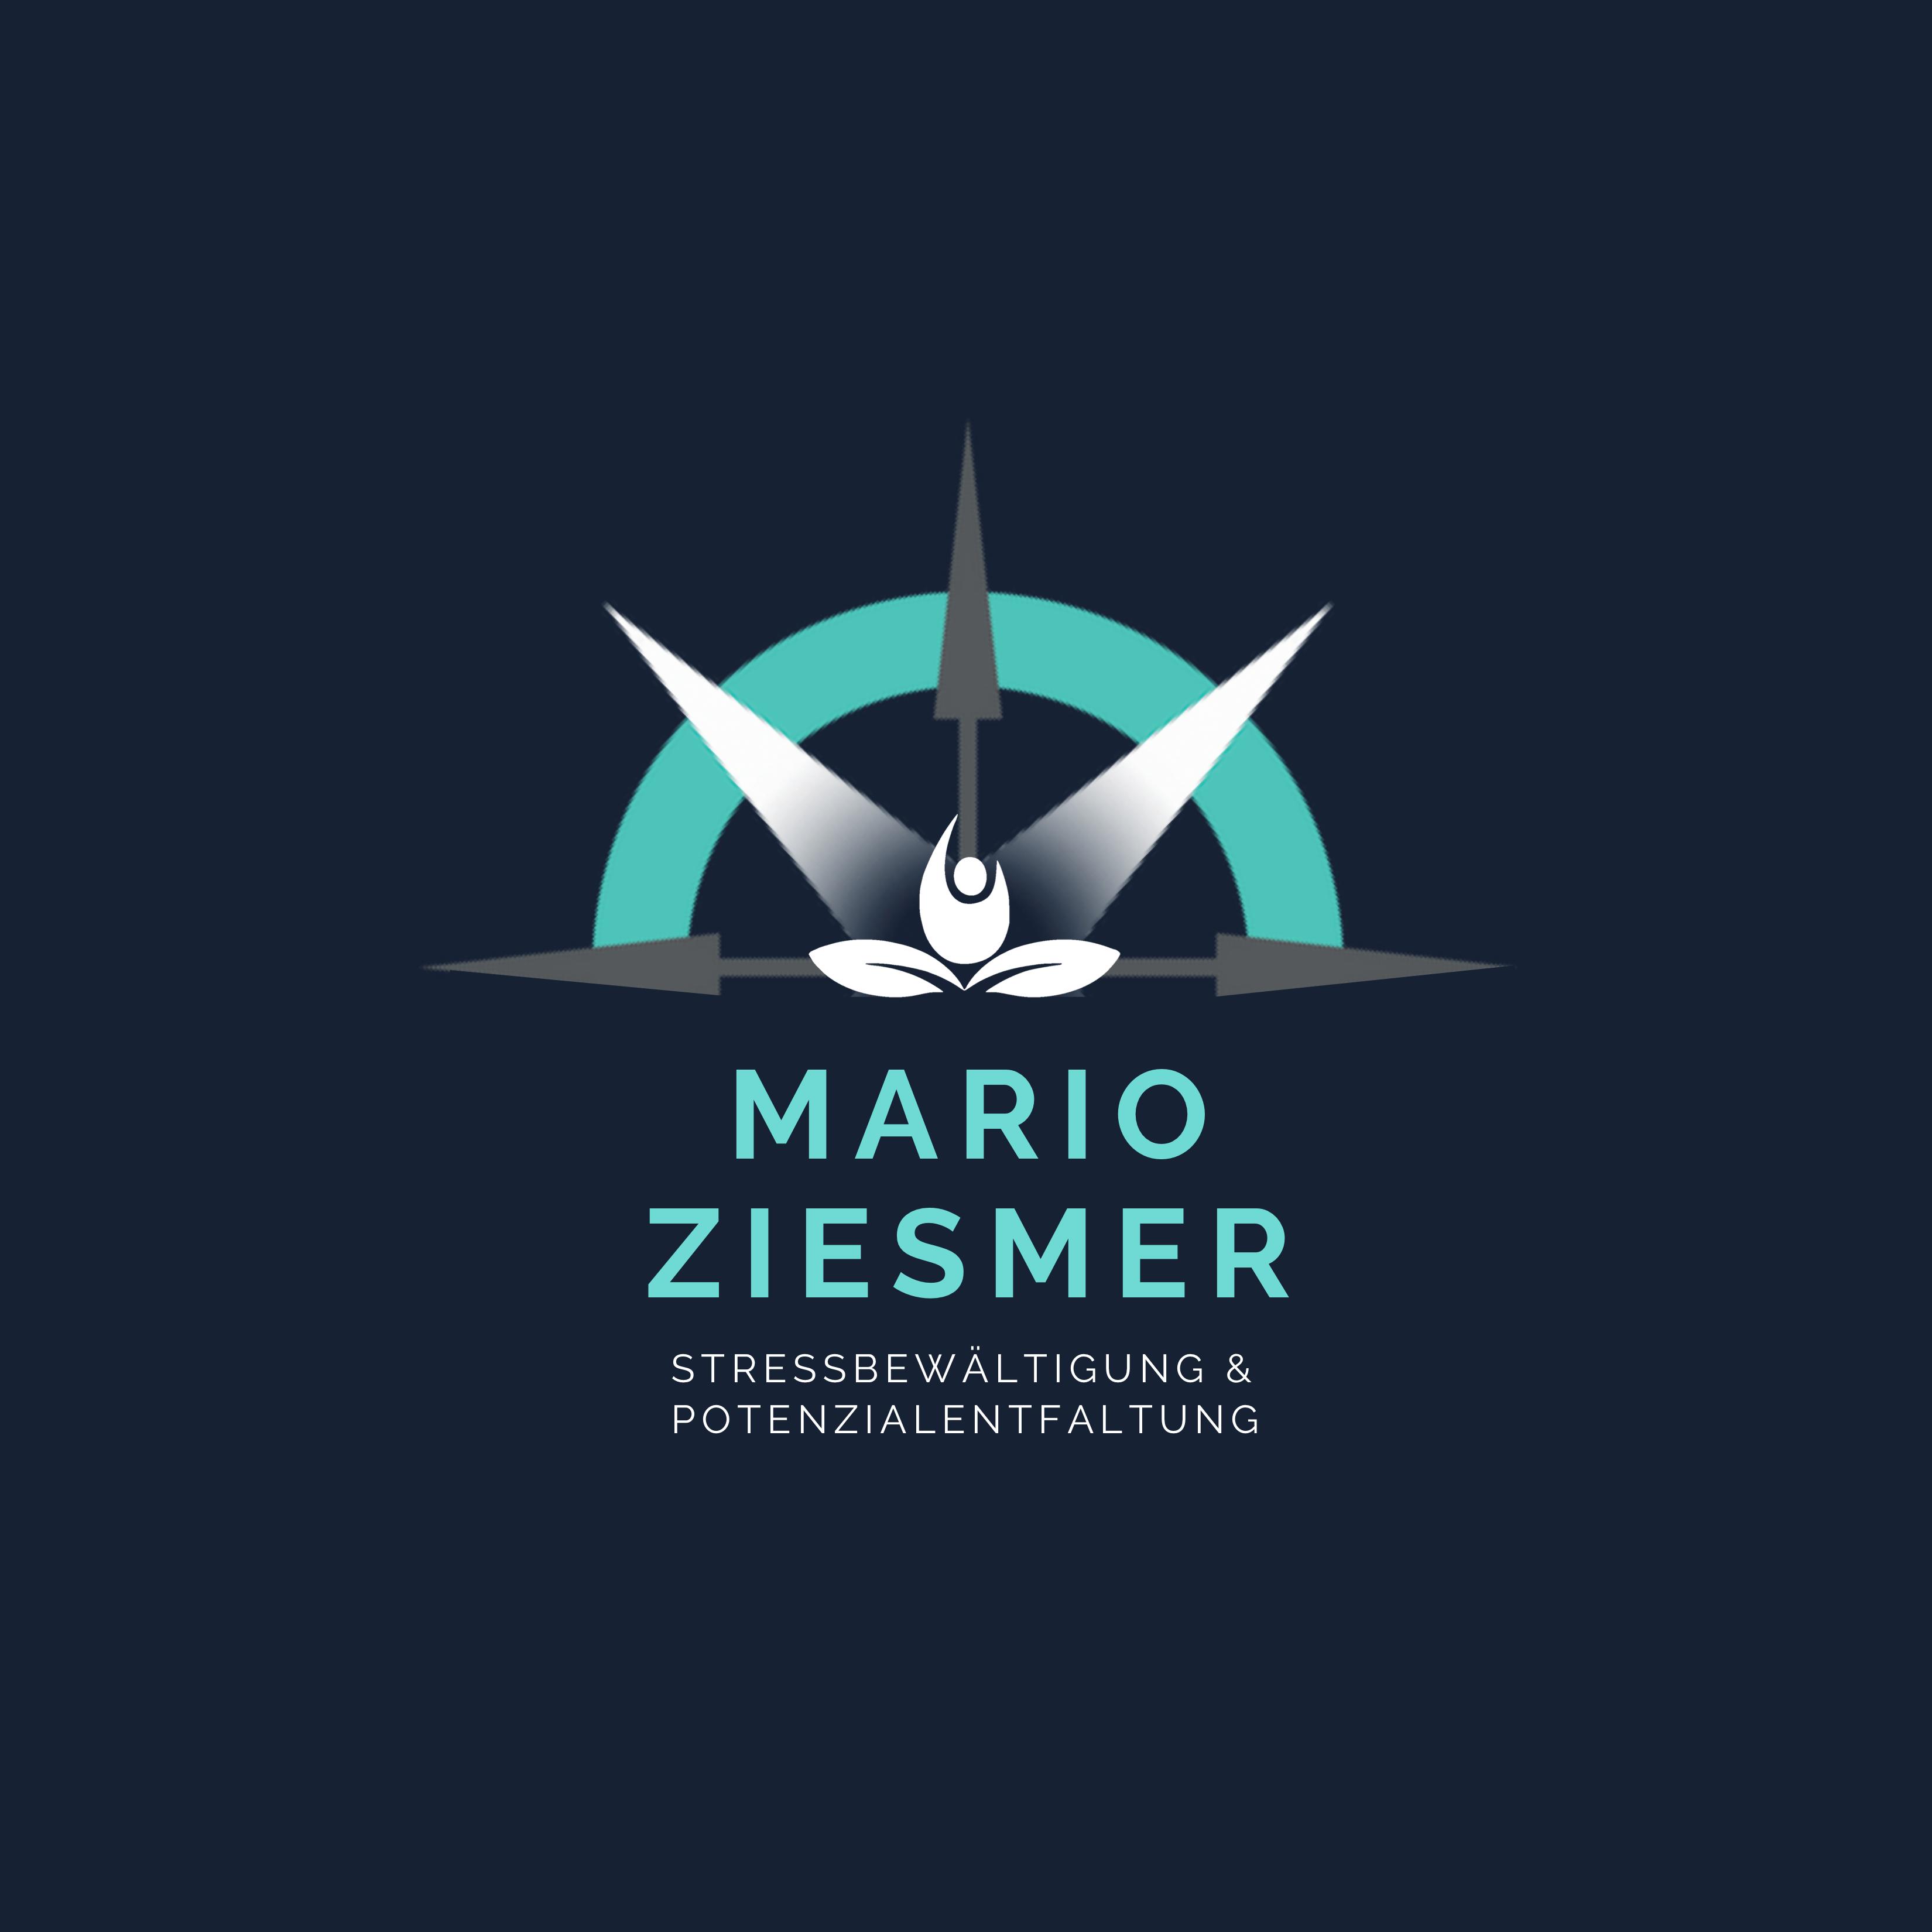 Mario Ziesmer - Stressbewältigung & Potenzialentfaltung